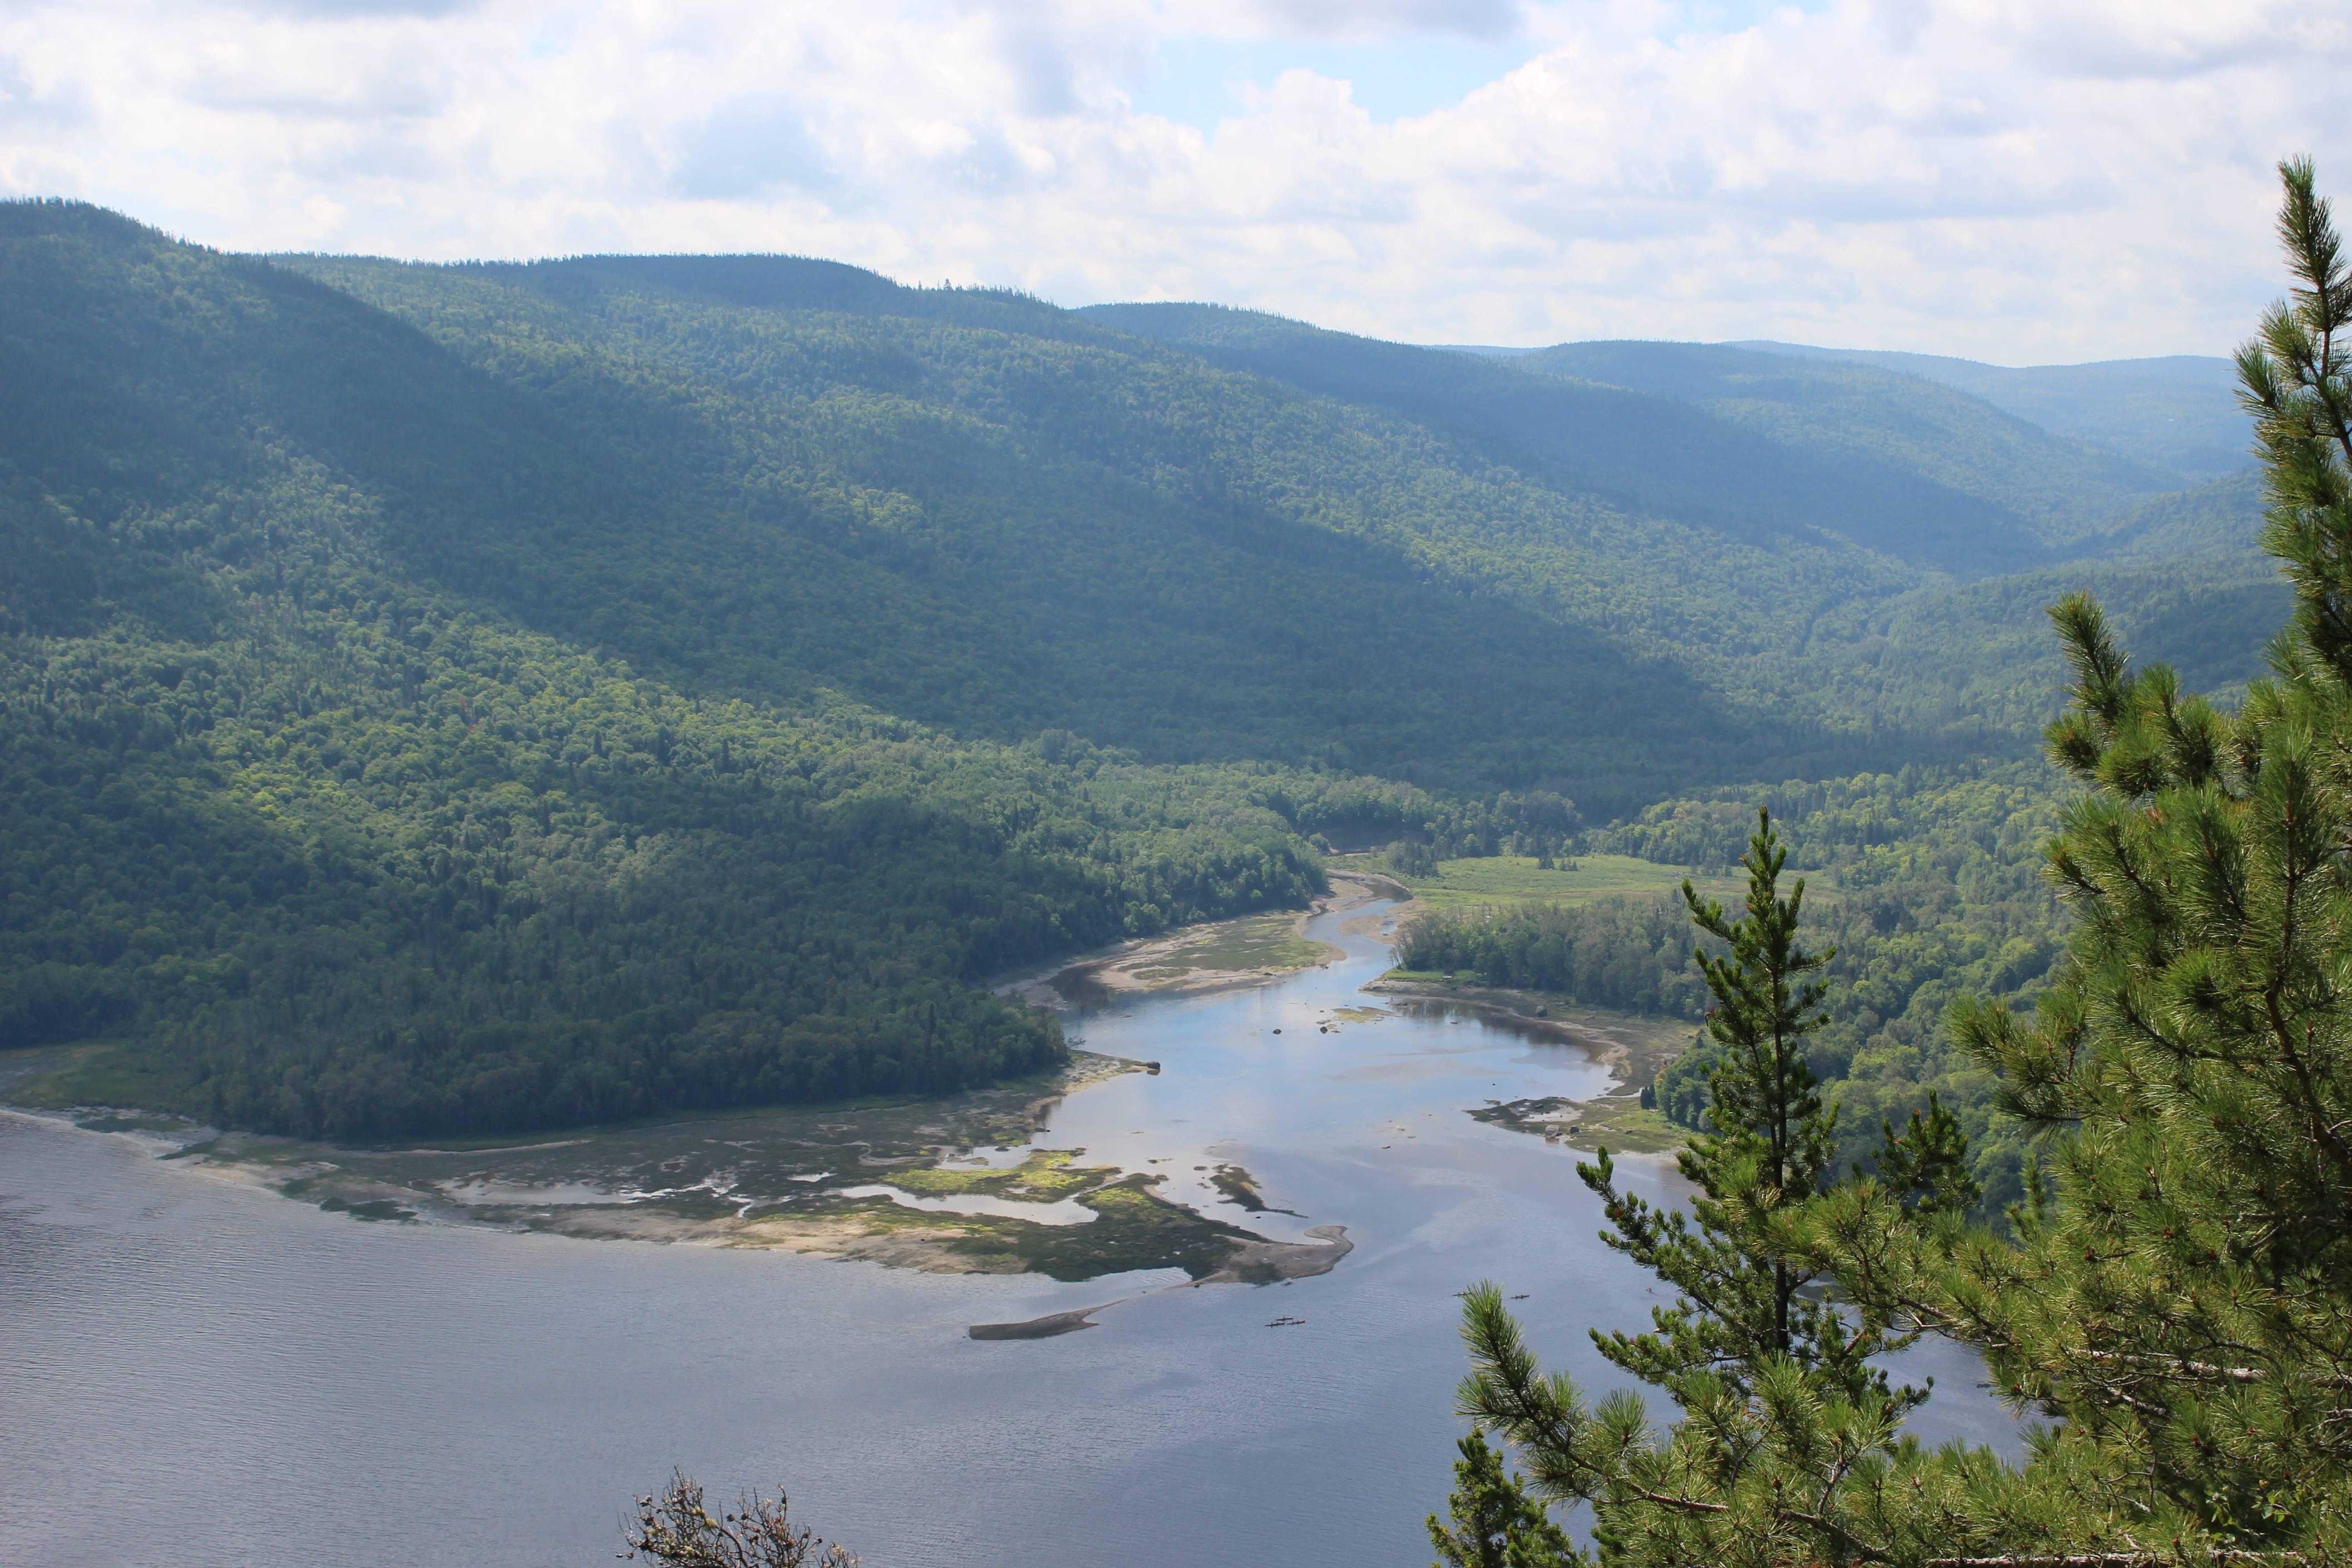 Photo 1: CANADA,  Balade rando Parc national du Fjord-du-Saguenay, secteur Baie-Éternité